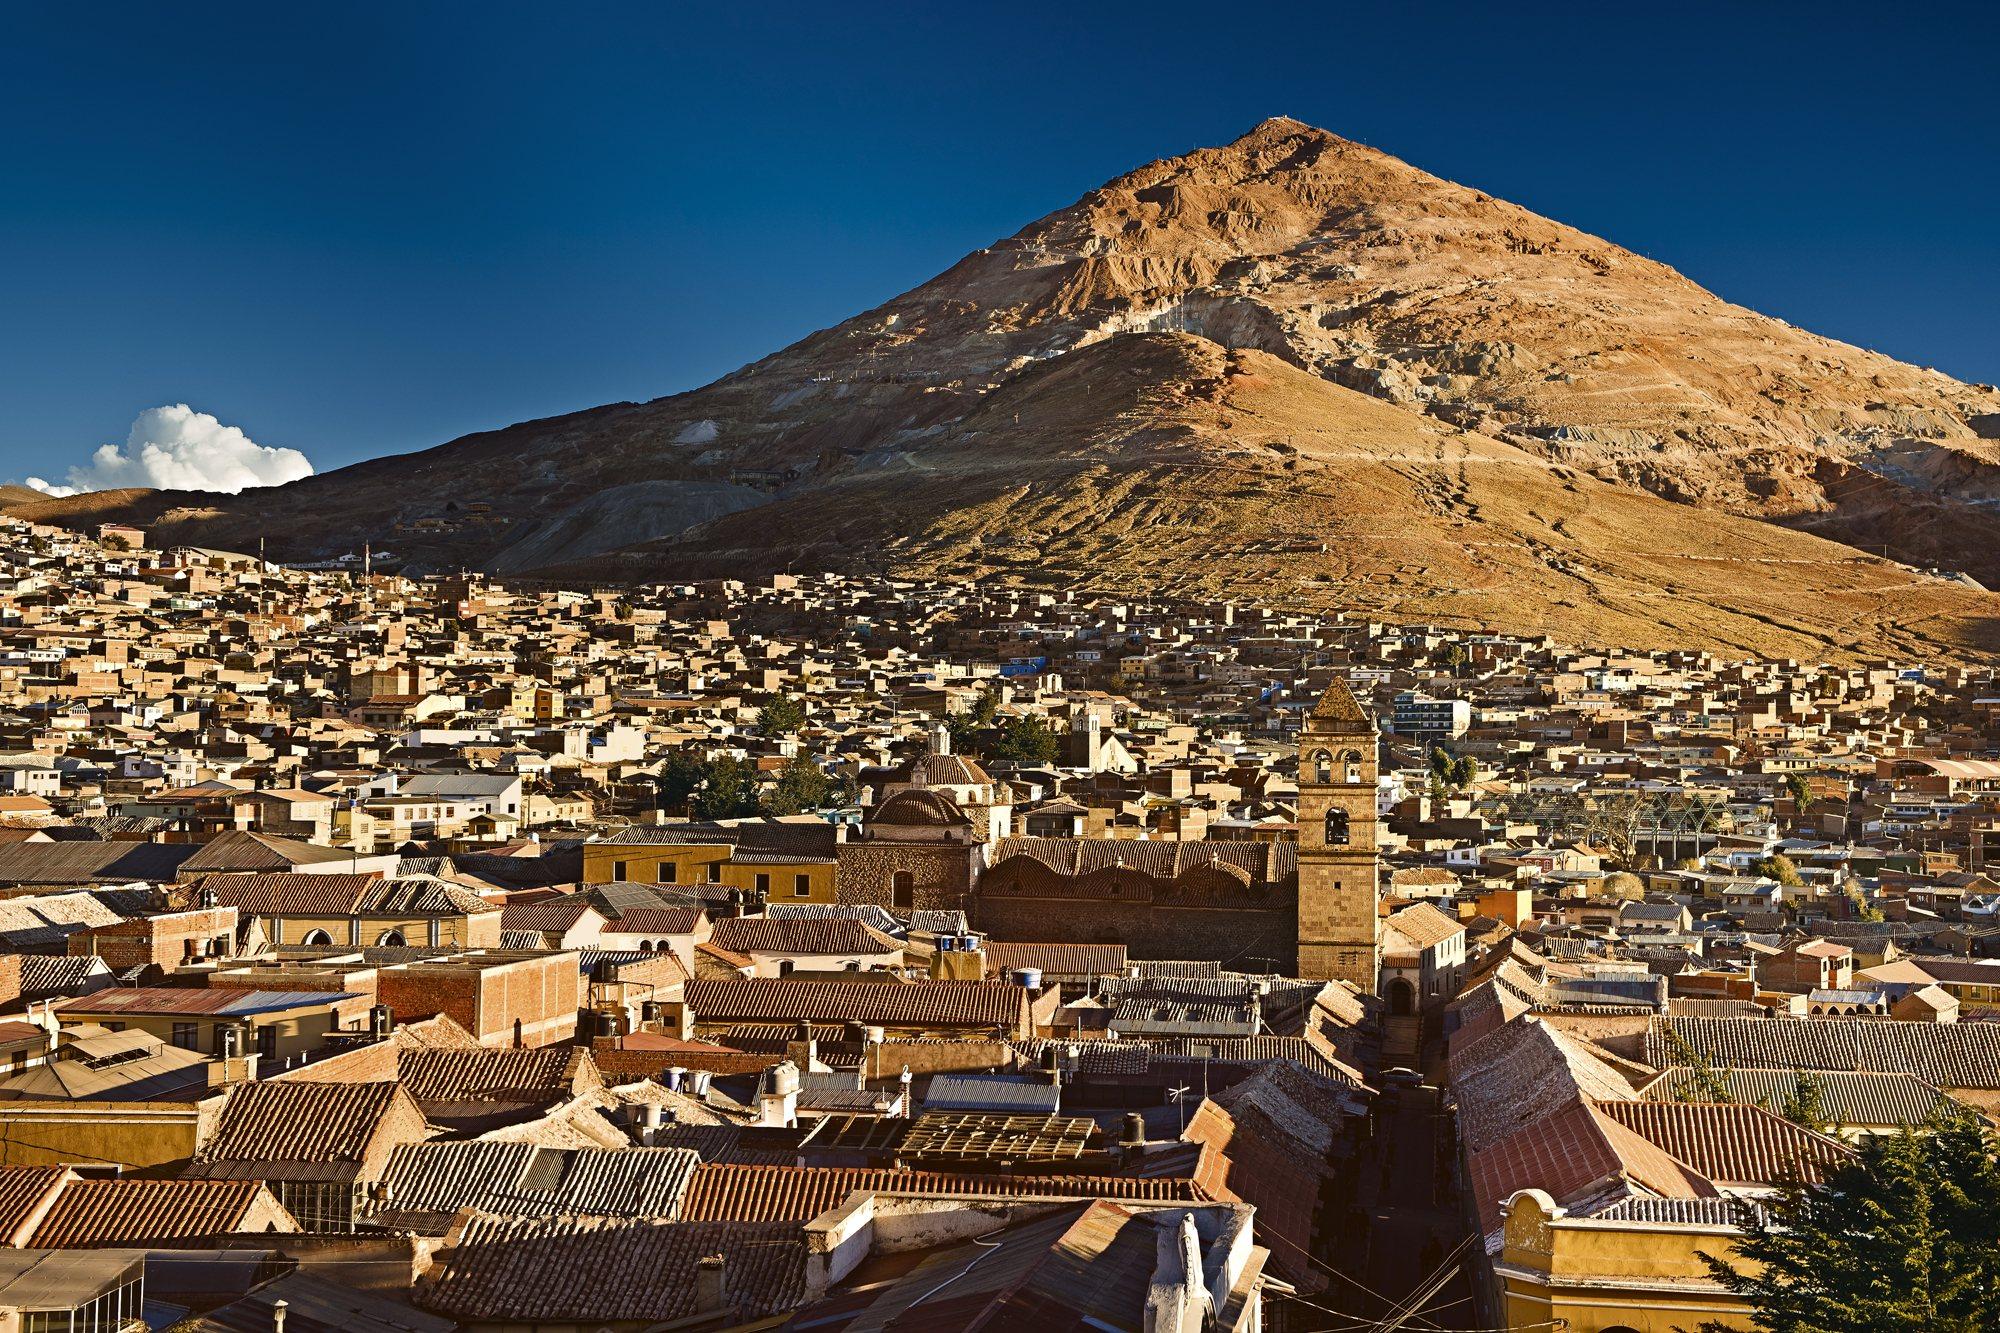 42-47834941. El cerro rico de Potosí